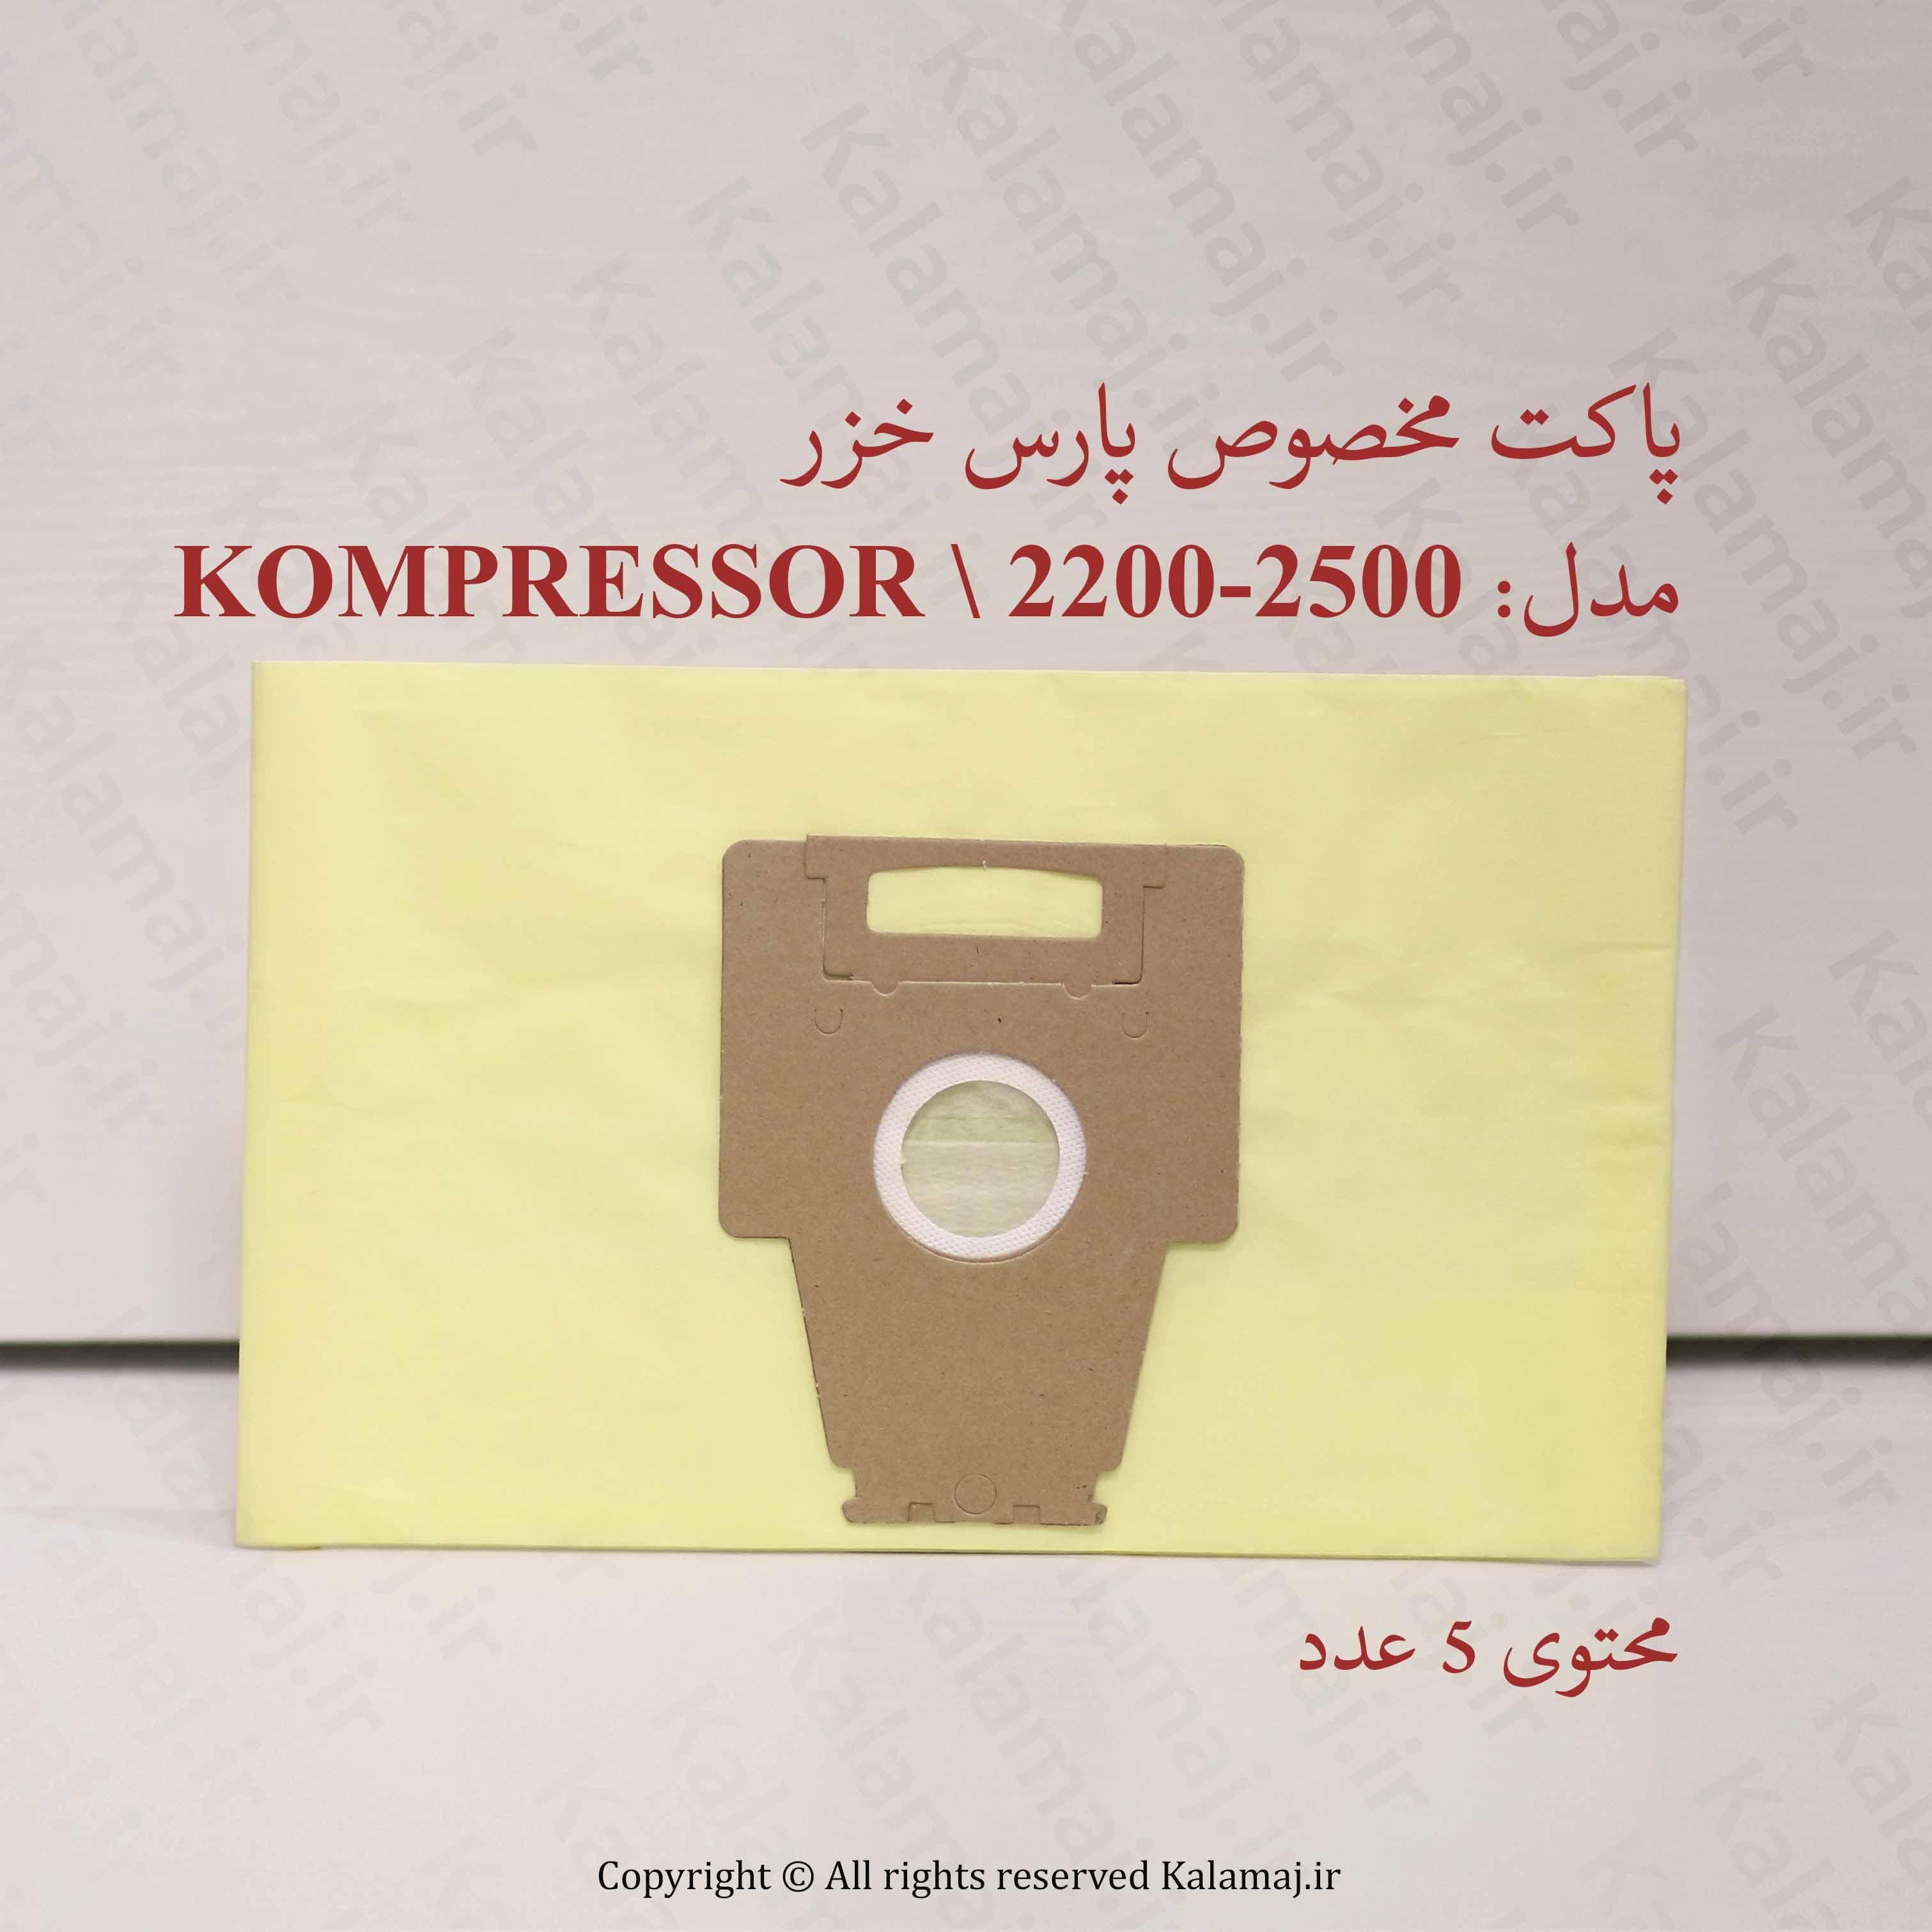 پاکت (کیسه) جاروبرقی پارس خزر مدل 2200